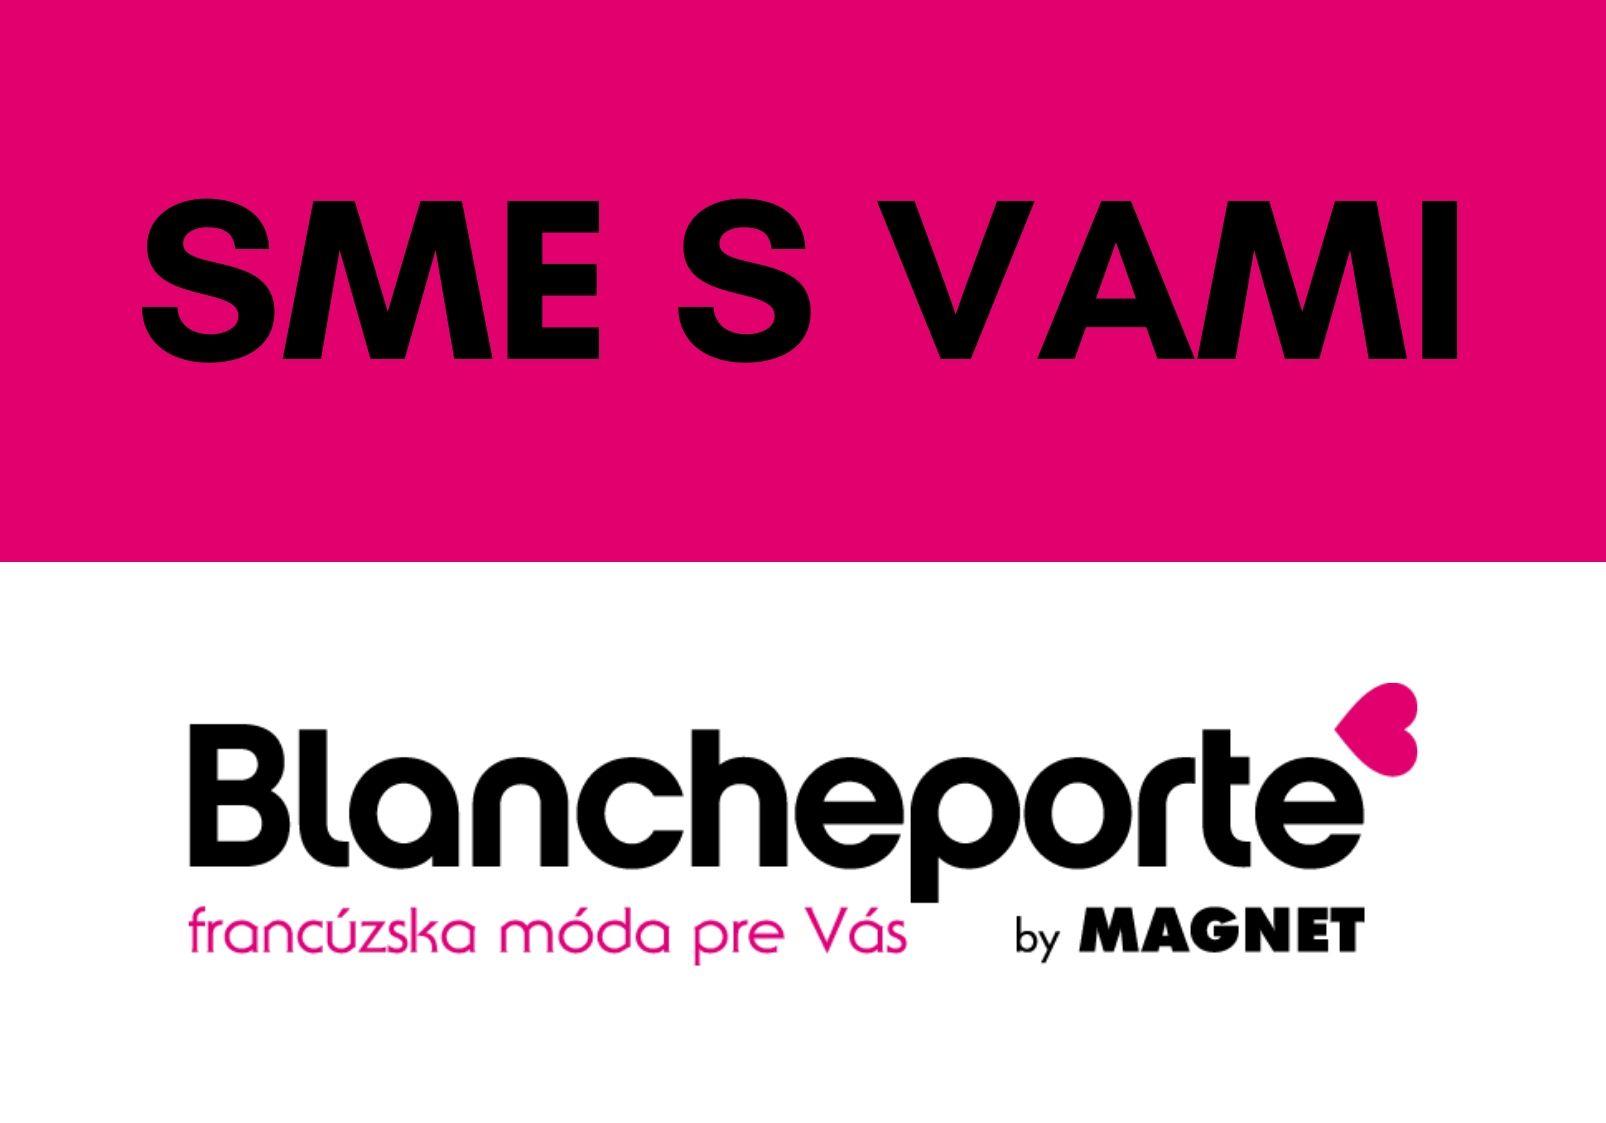 Blancheporte aktuálne: nenecháme vás v tom a sme stále s vami!